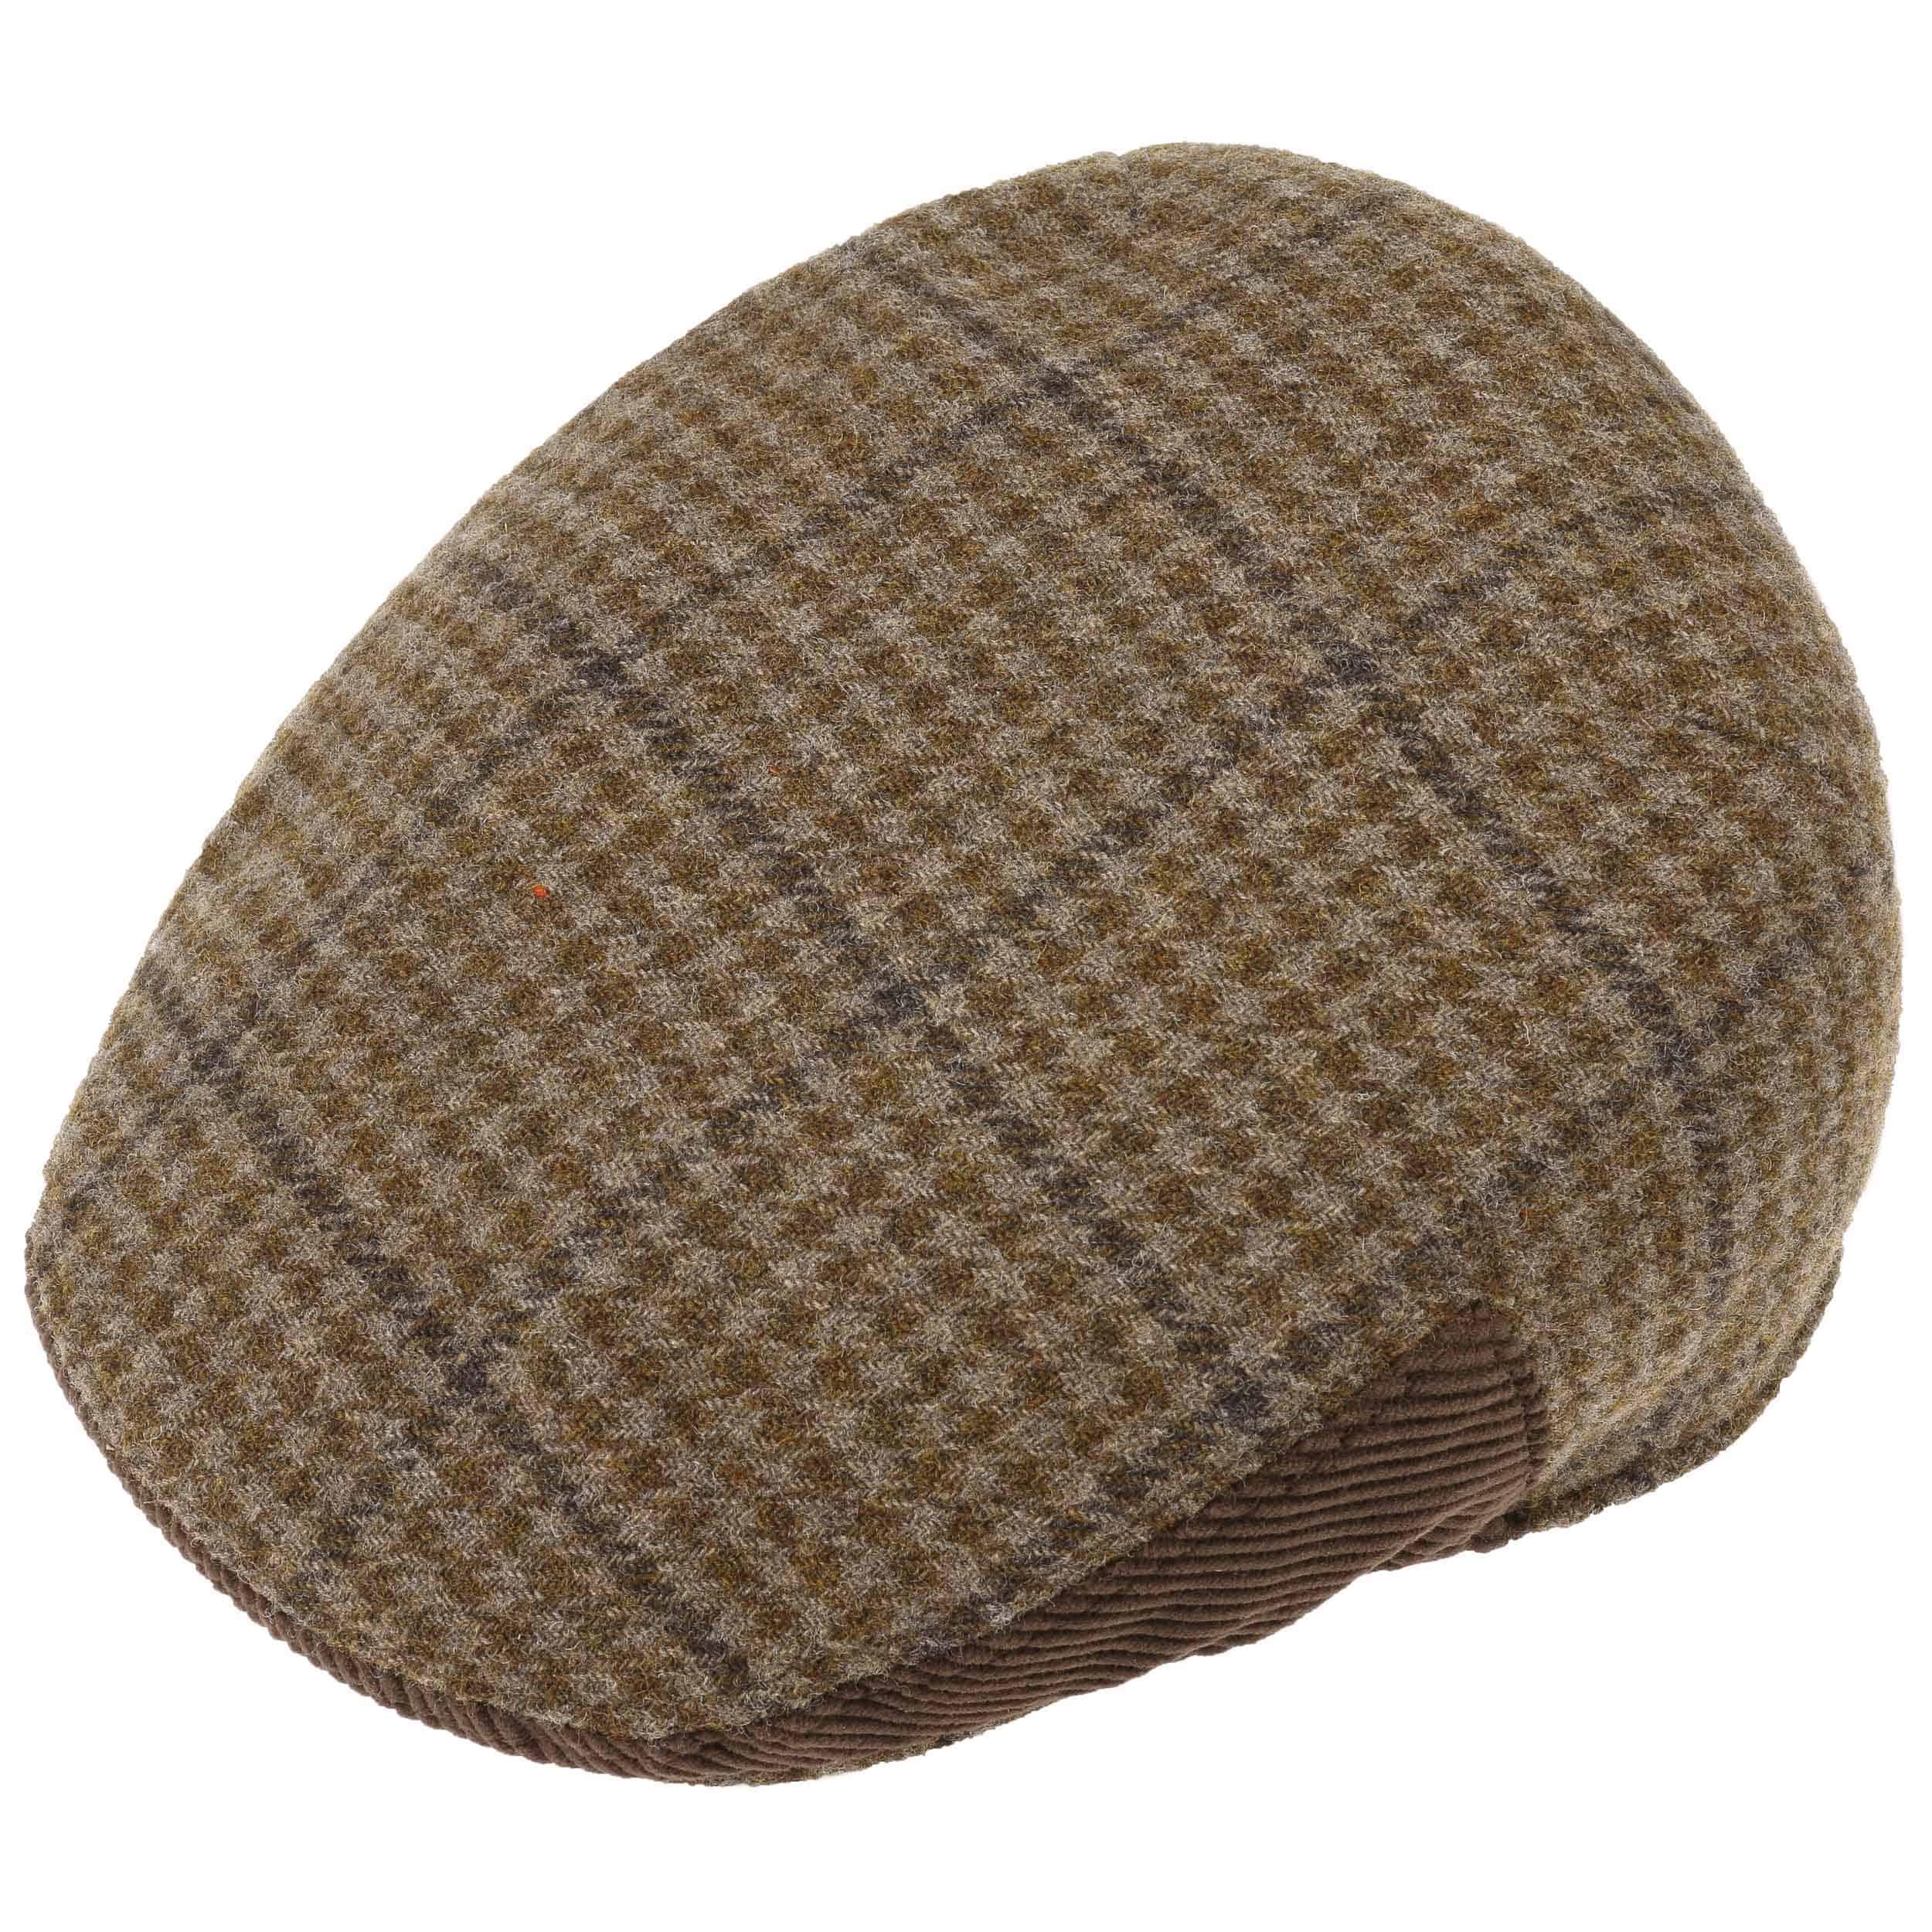 Gorra Tweed con Pajarita - Gorras - sombreroshop.es 92bf3c208e2